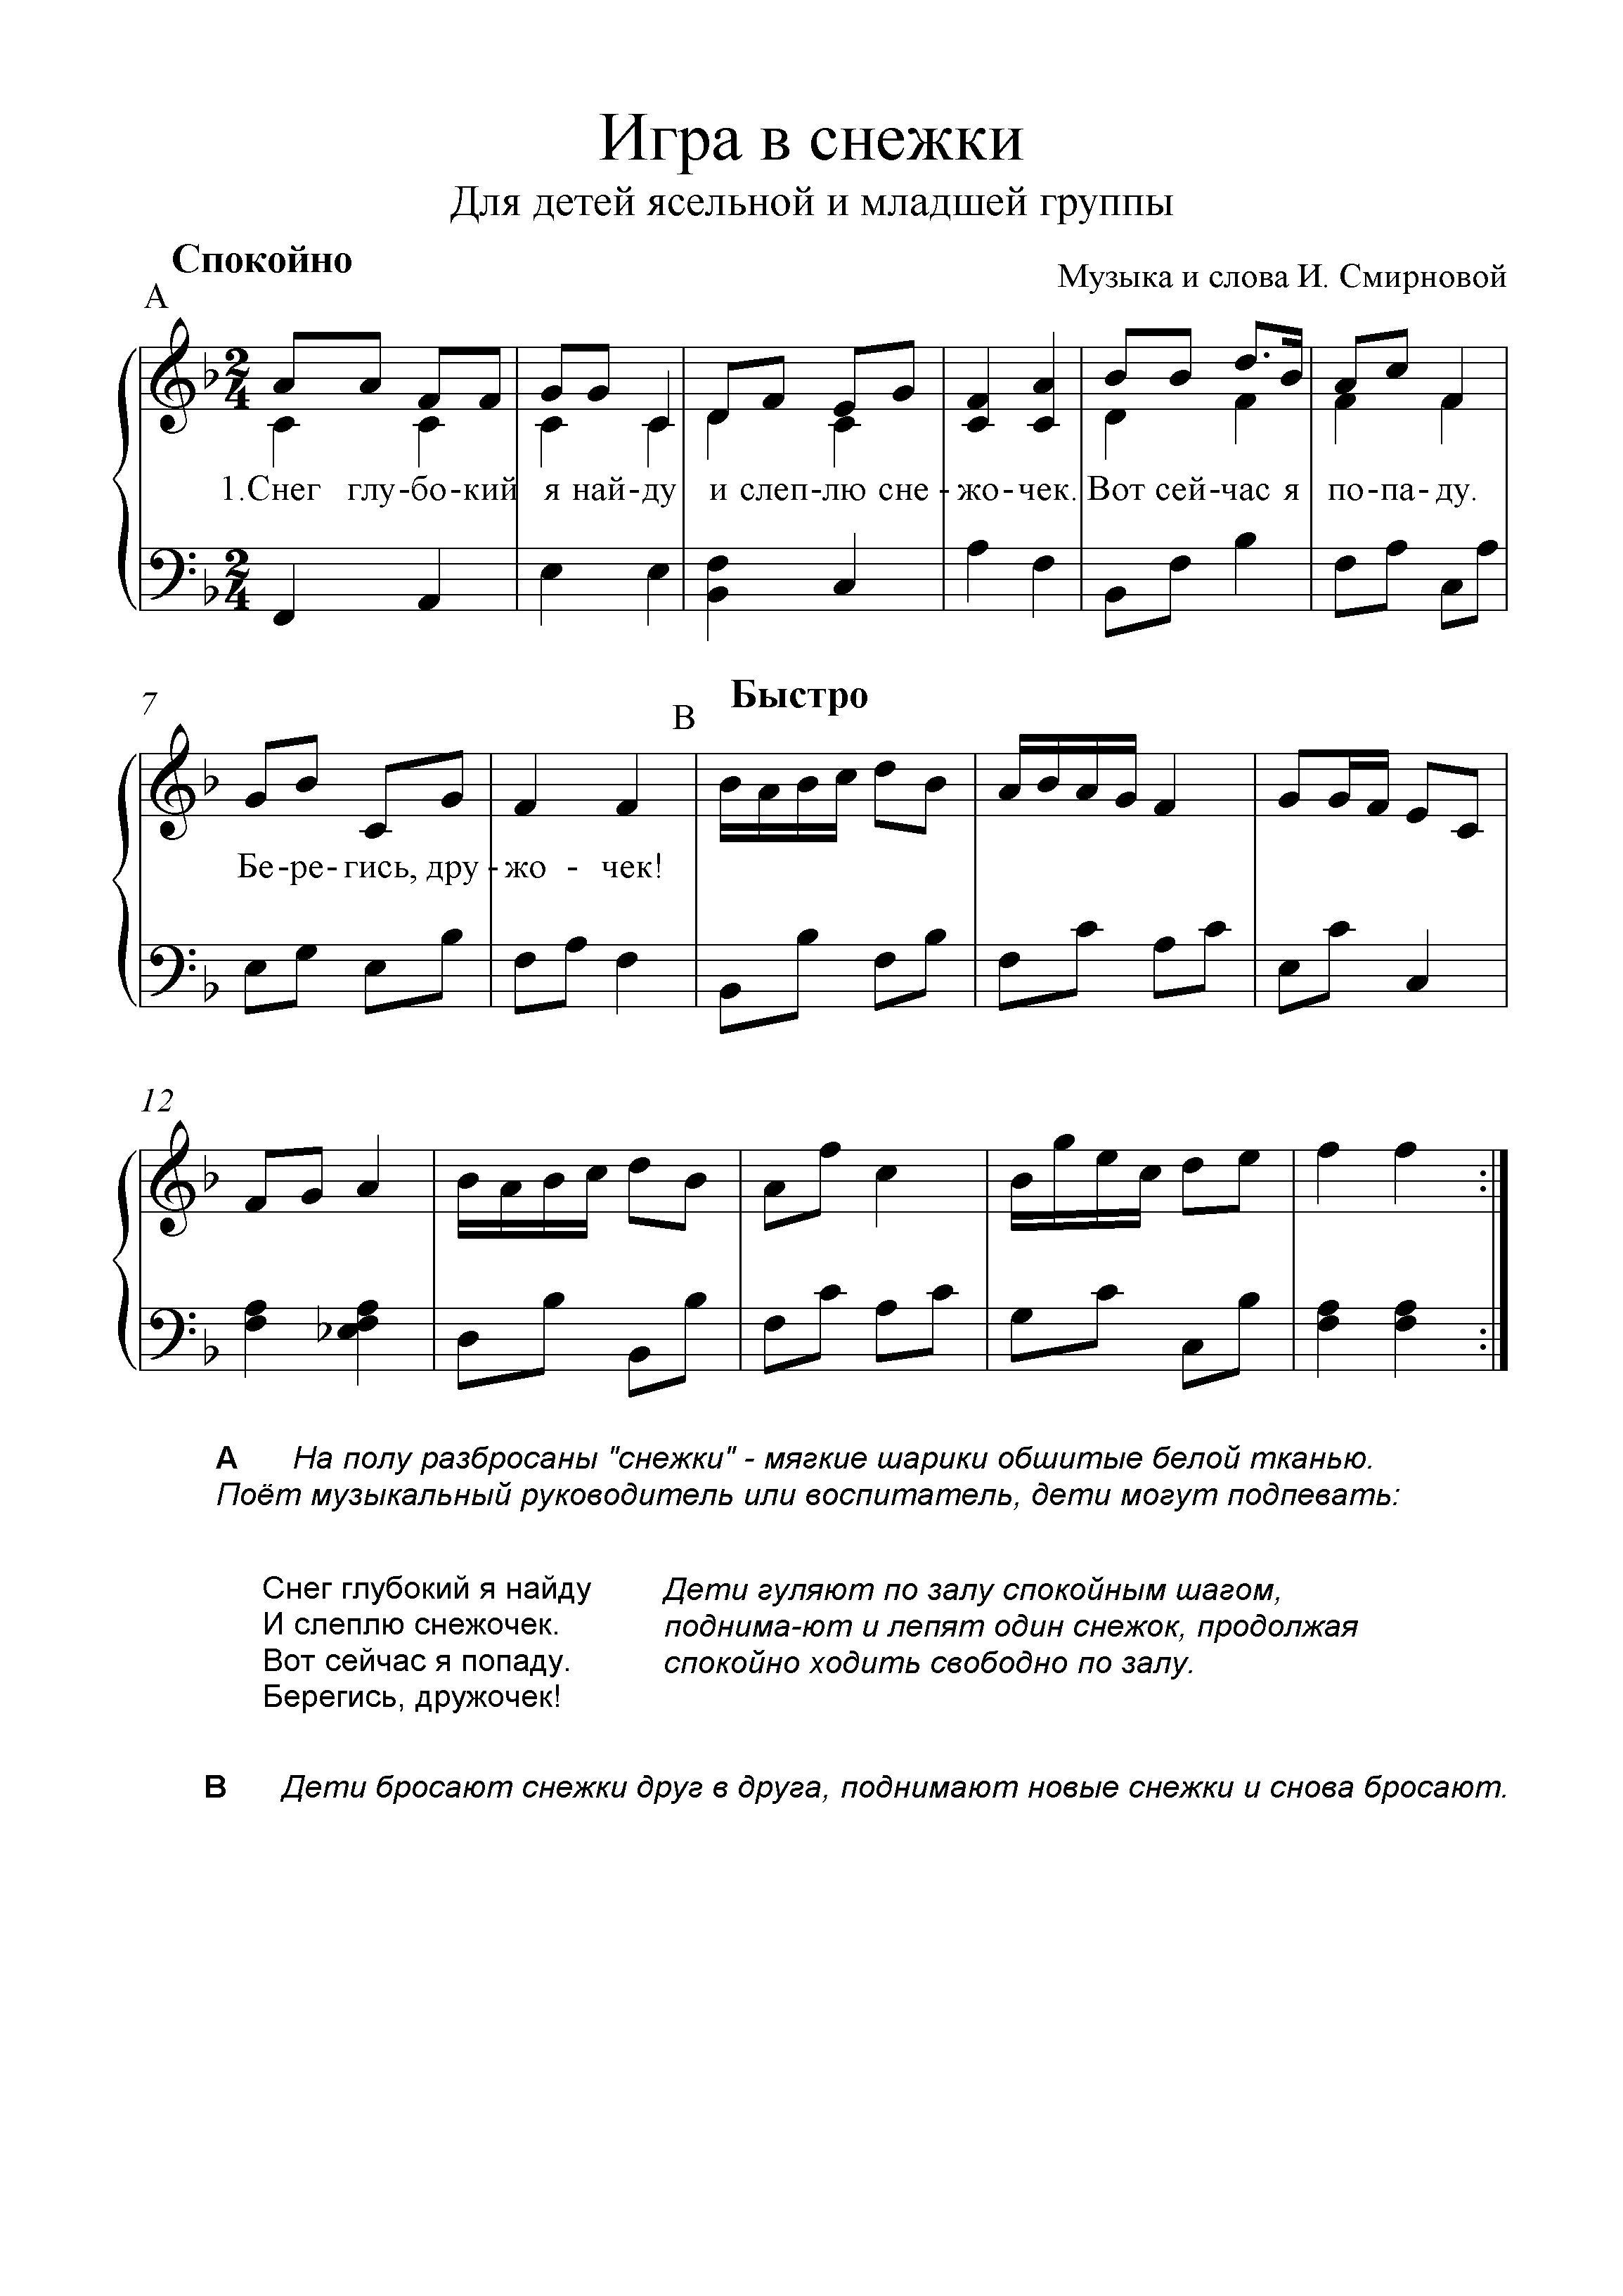 ПЕСНЯ МЫ В СНЕЖКИ ИГРАЕМ СМЕЛО СКАЧАТЬ БЕСПЛАТНО